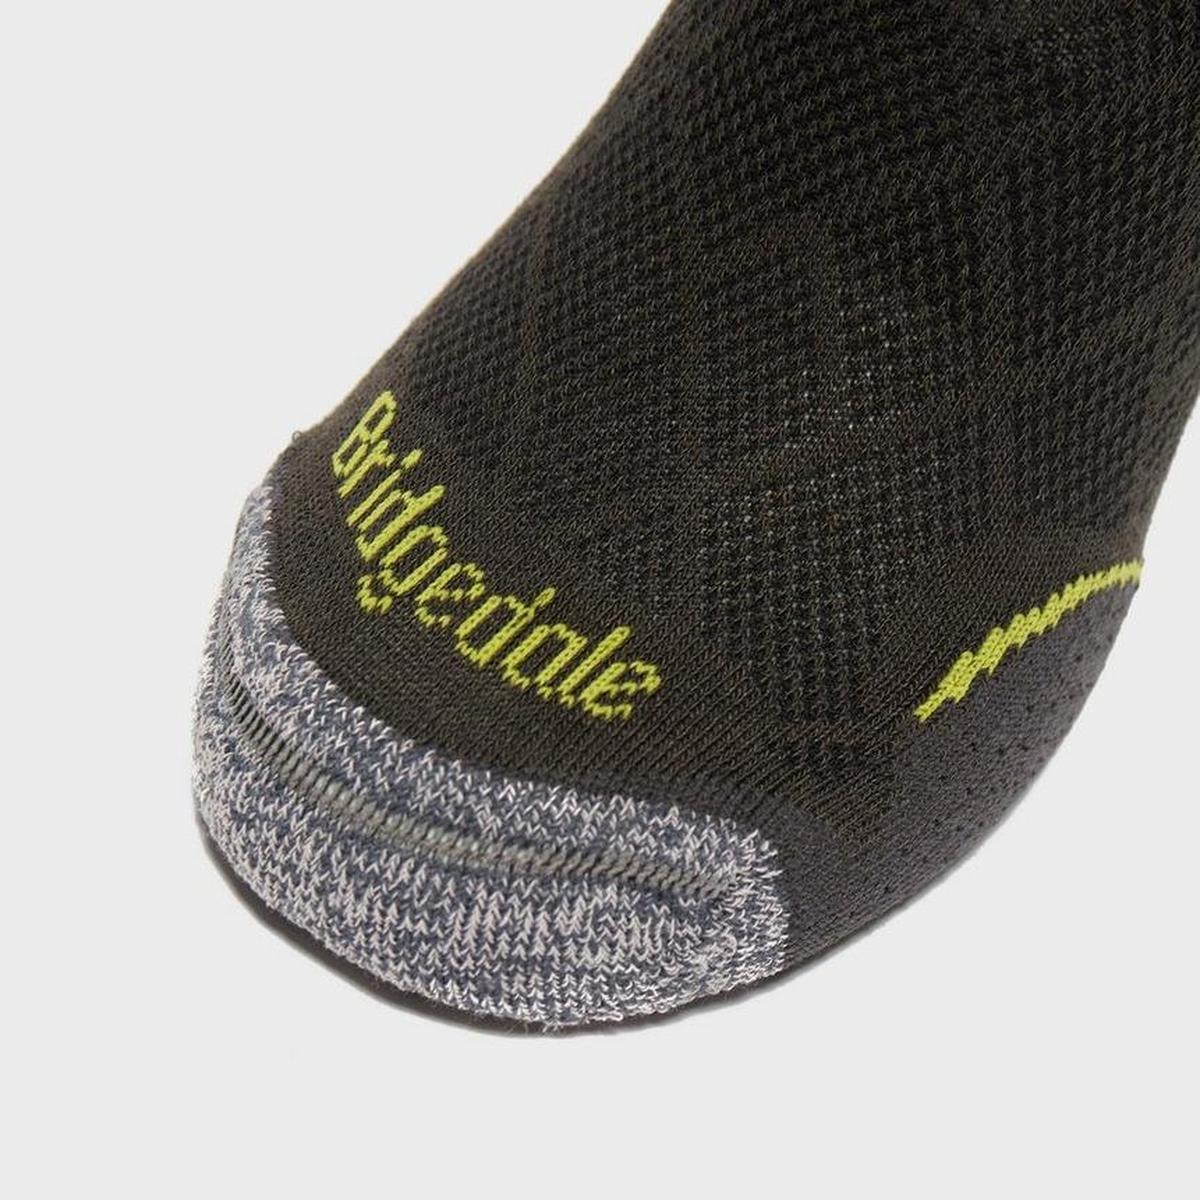 Bridgedale Men's Hike Ultralight T2 - Grey